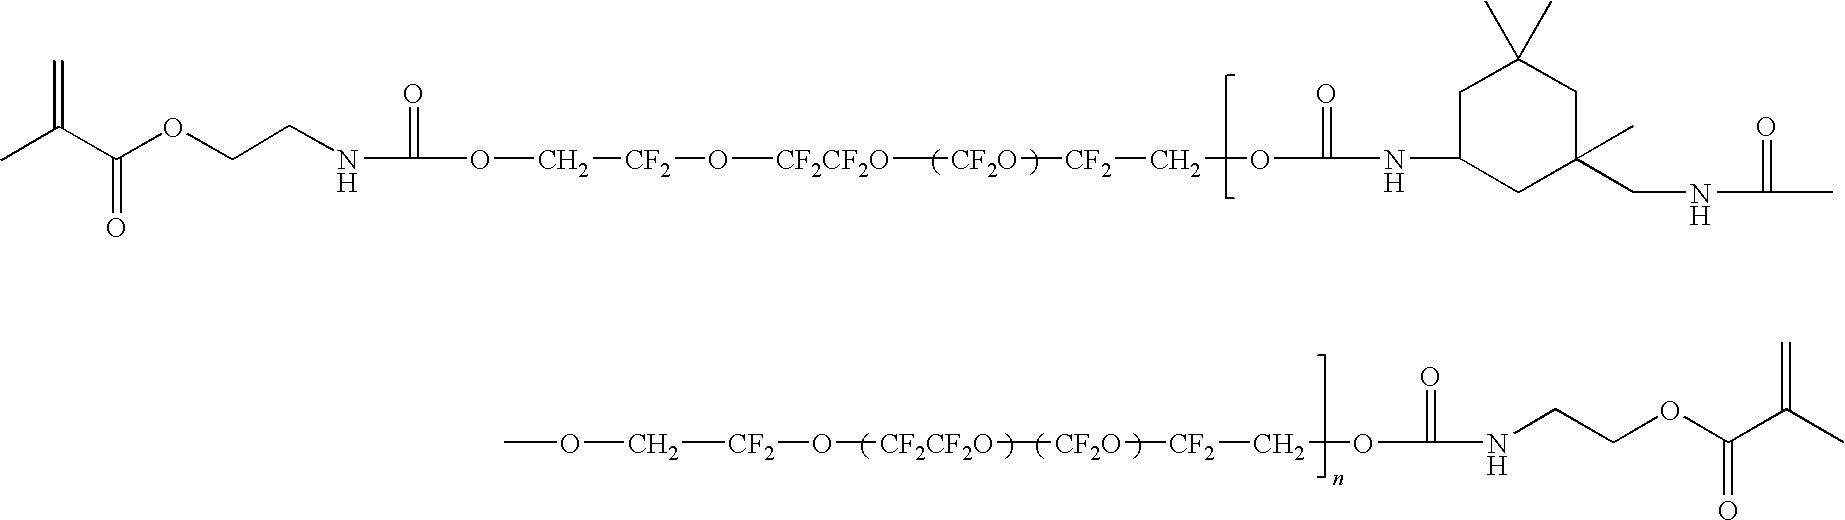 Figure US08158728-20120417-C00050